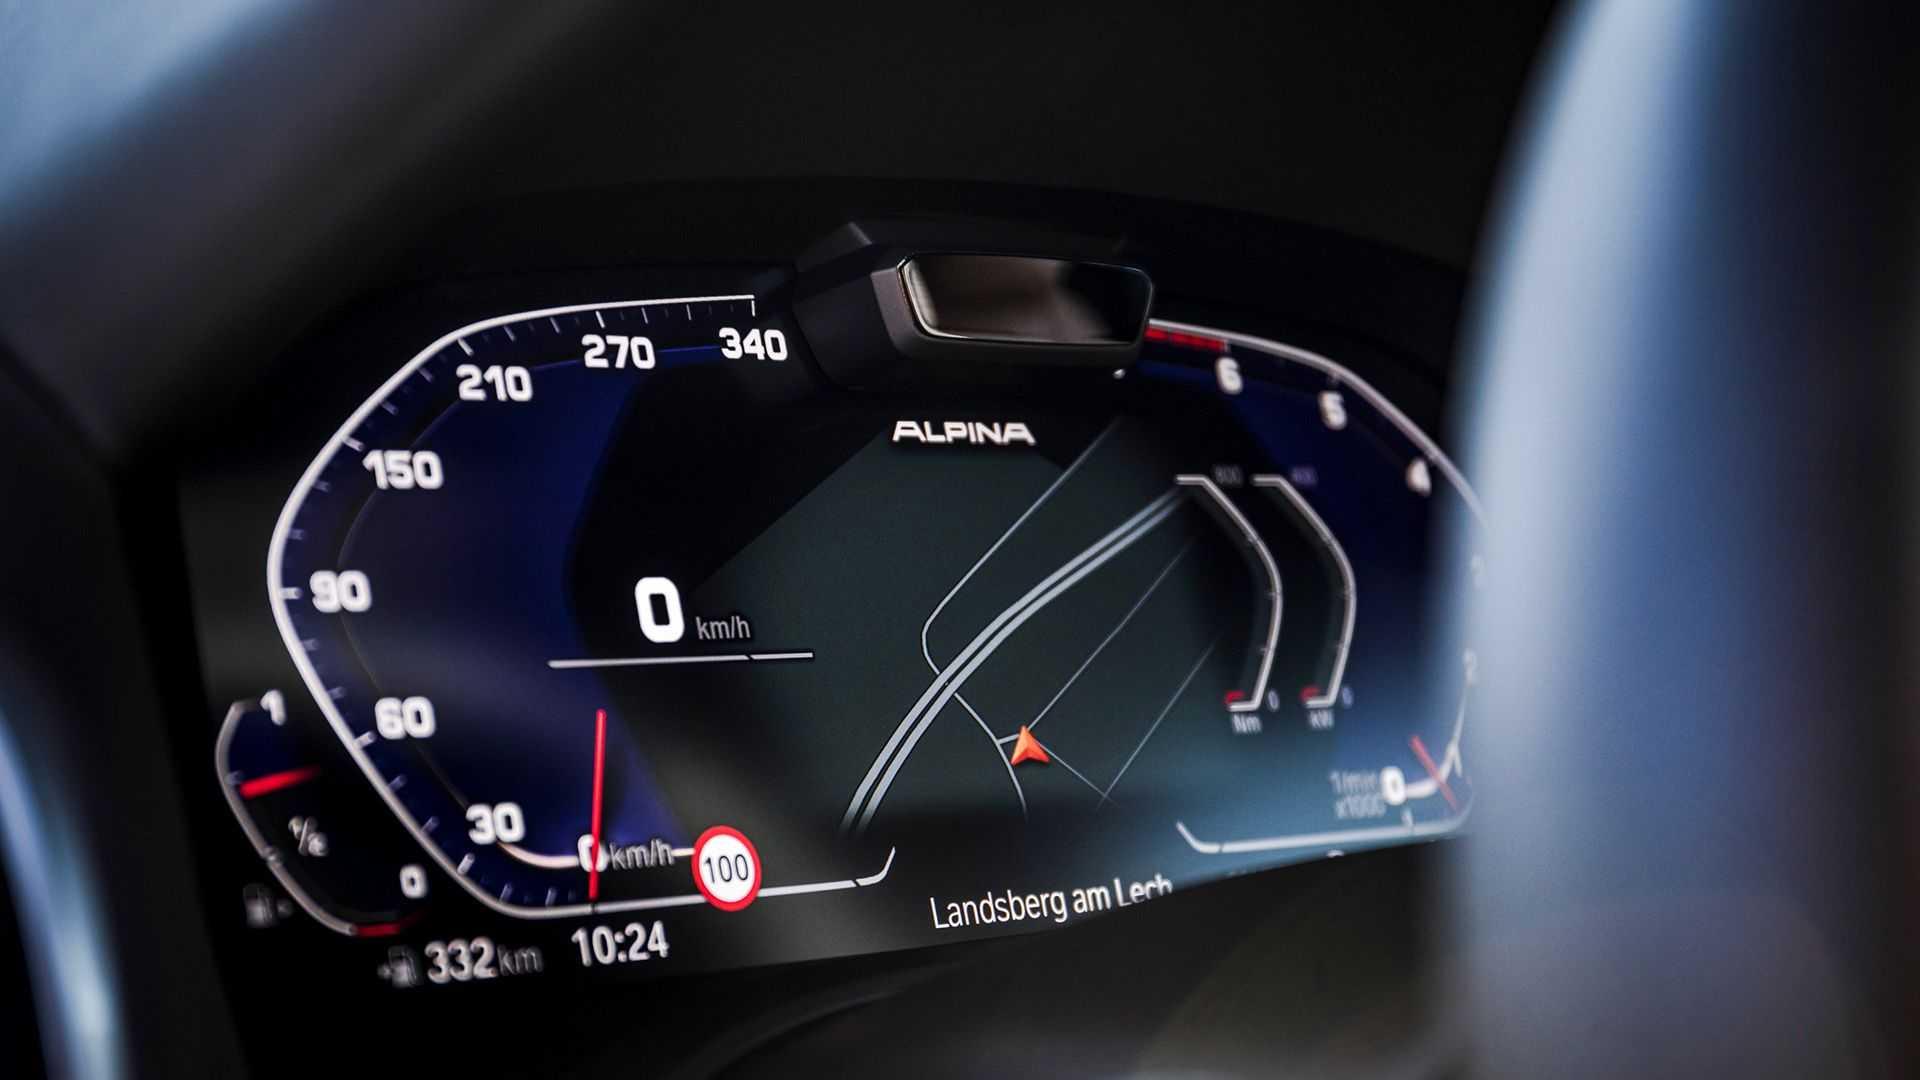 آلپینا بی8؛ ویرایشی خاصی از سدان لوکس ب ام و با بیشینه سرعت 323 کیلومتر برساعت / عکس